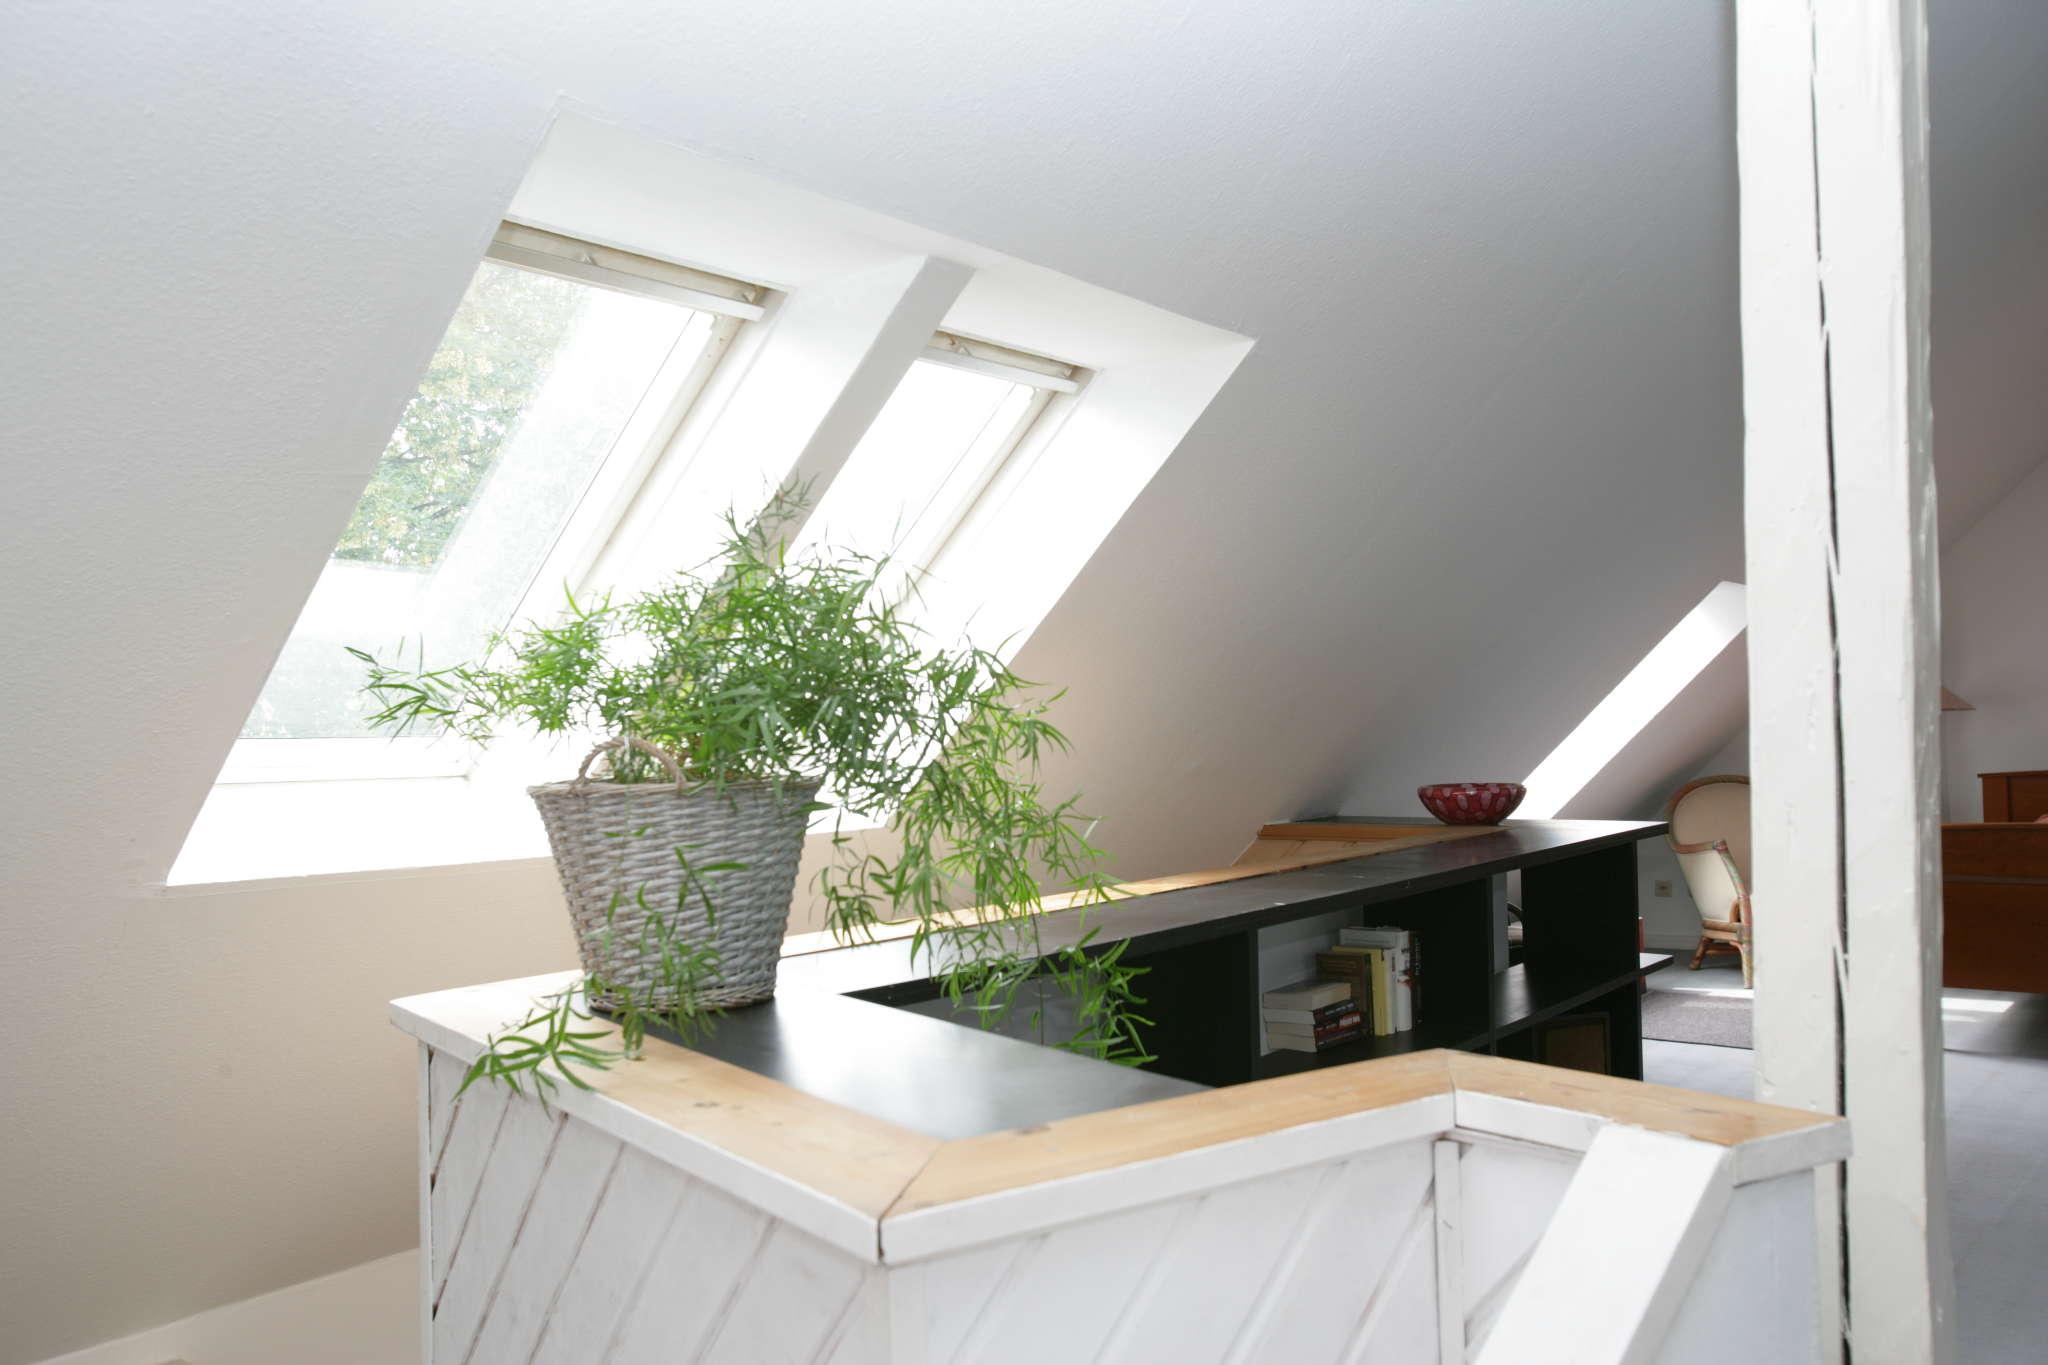 Dachterrasse mit Panoramausblick